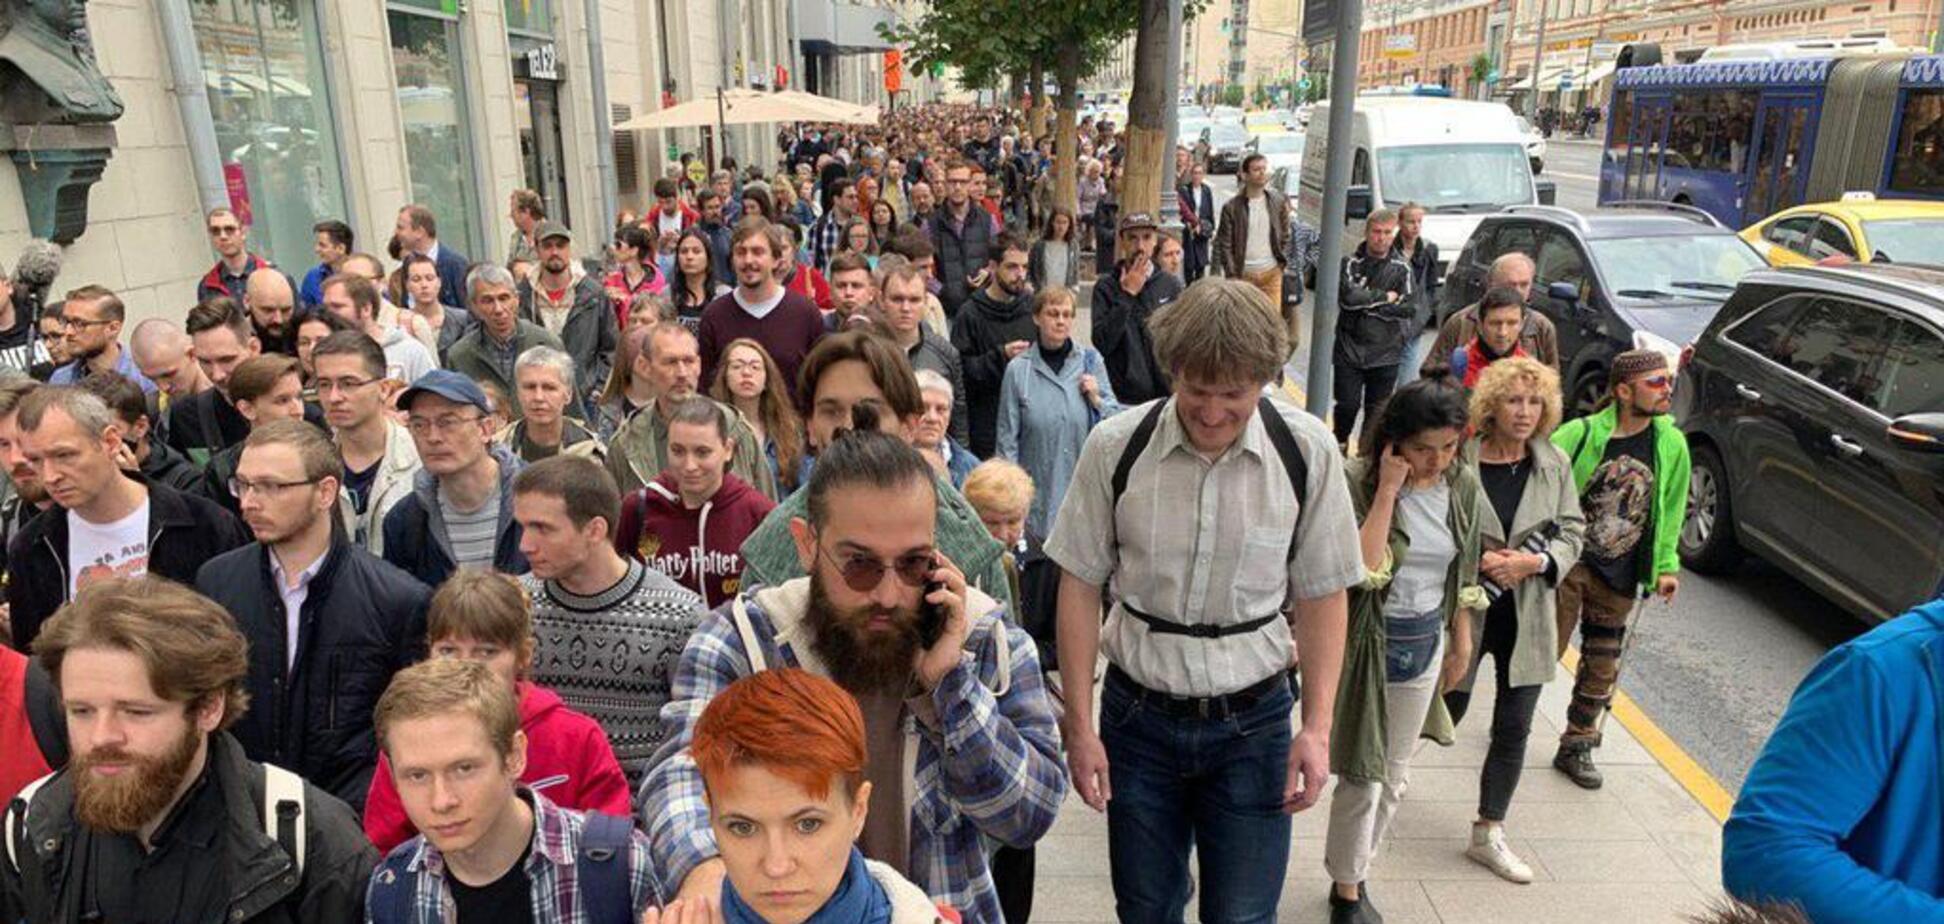 В центре Москвы вспыхнул массовый протест: появились фото и видео